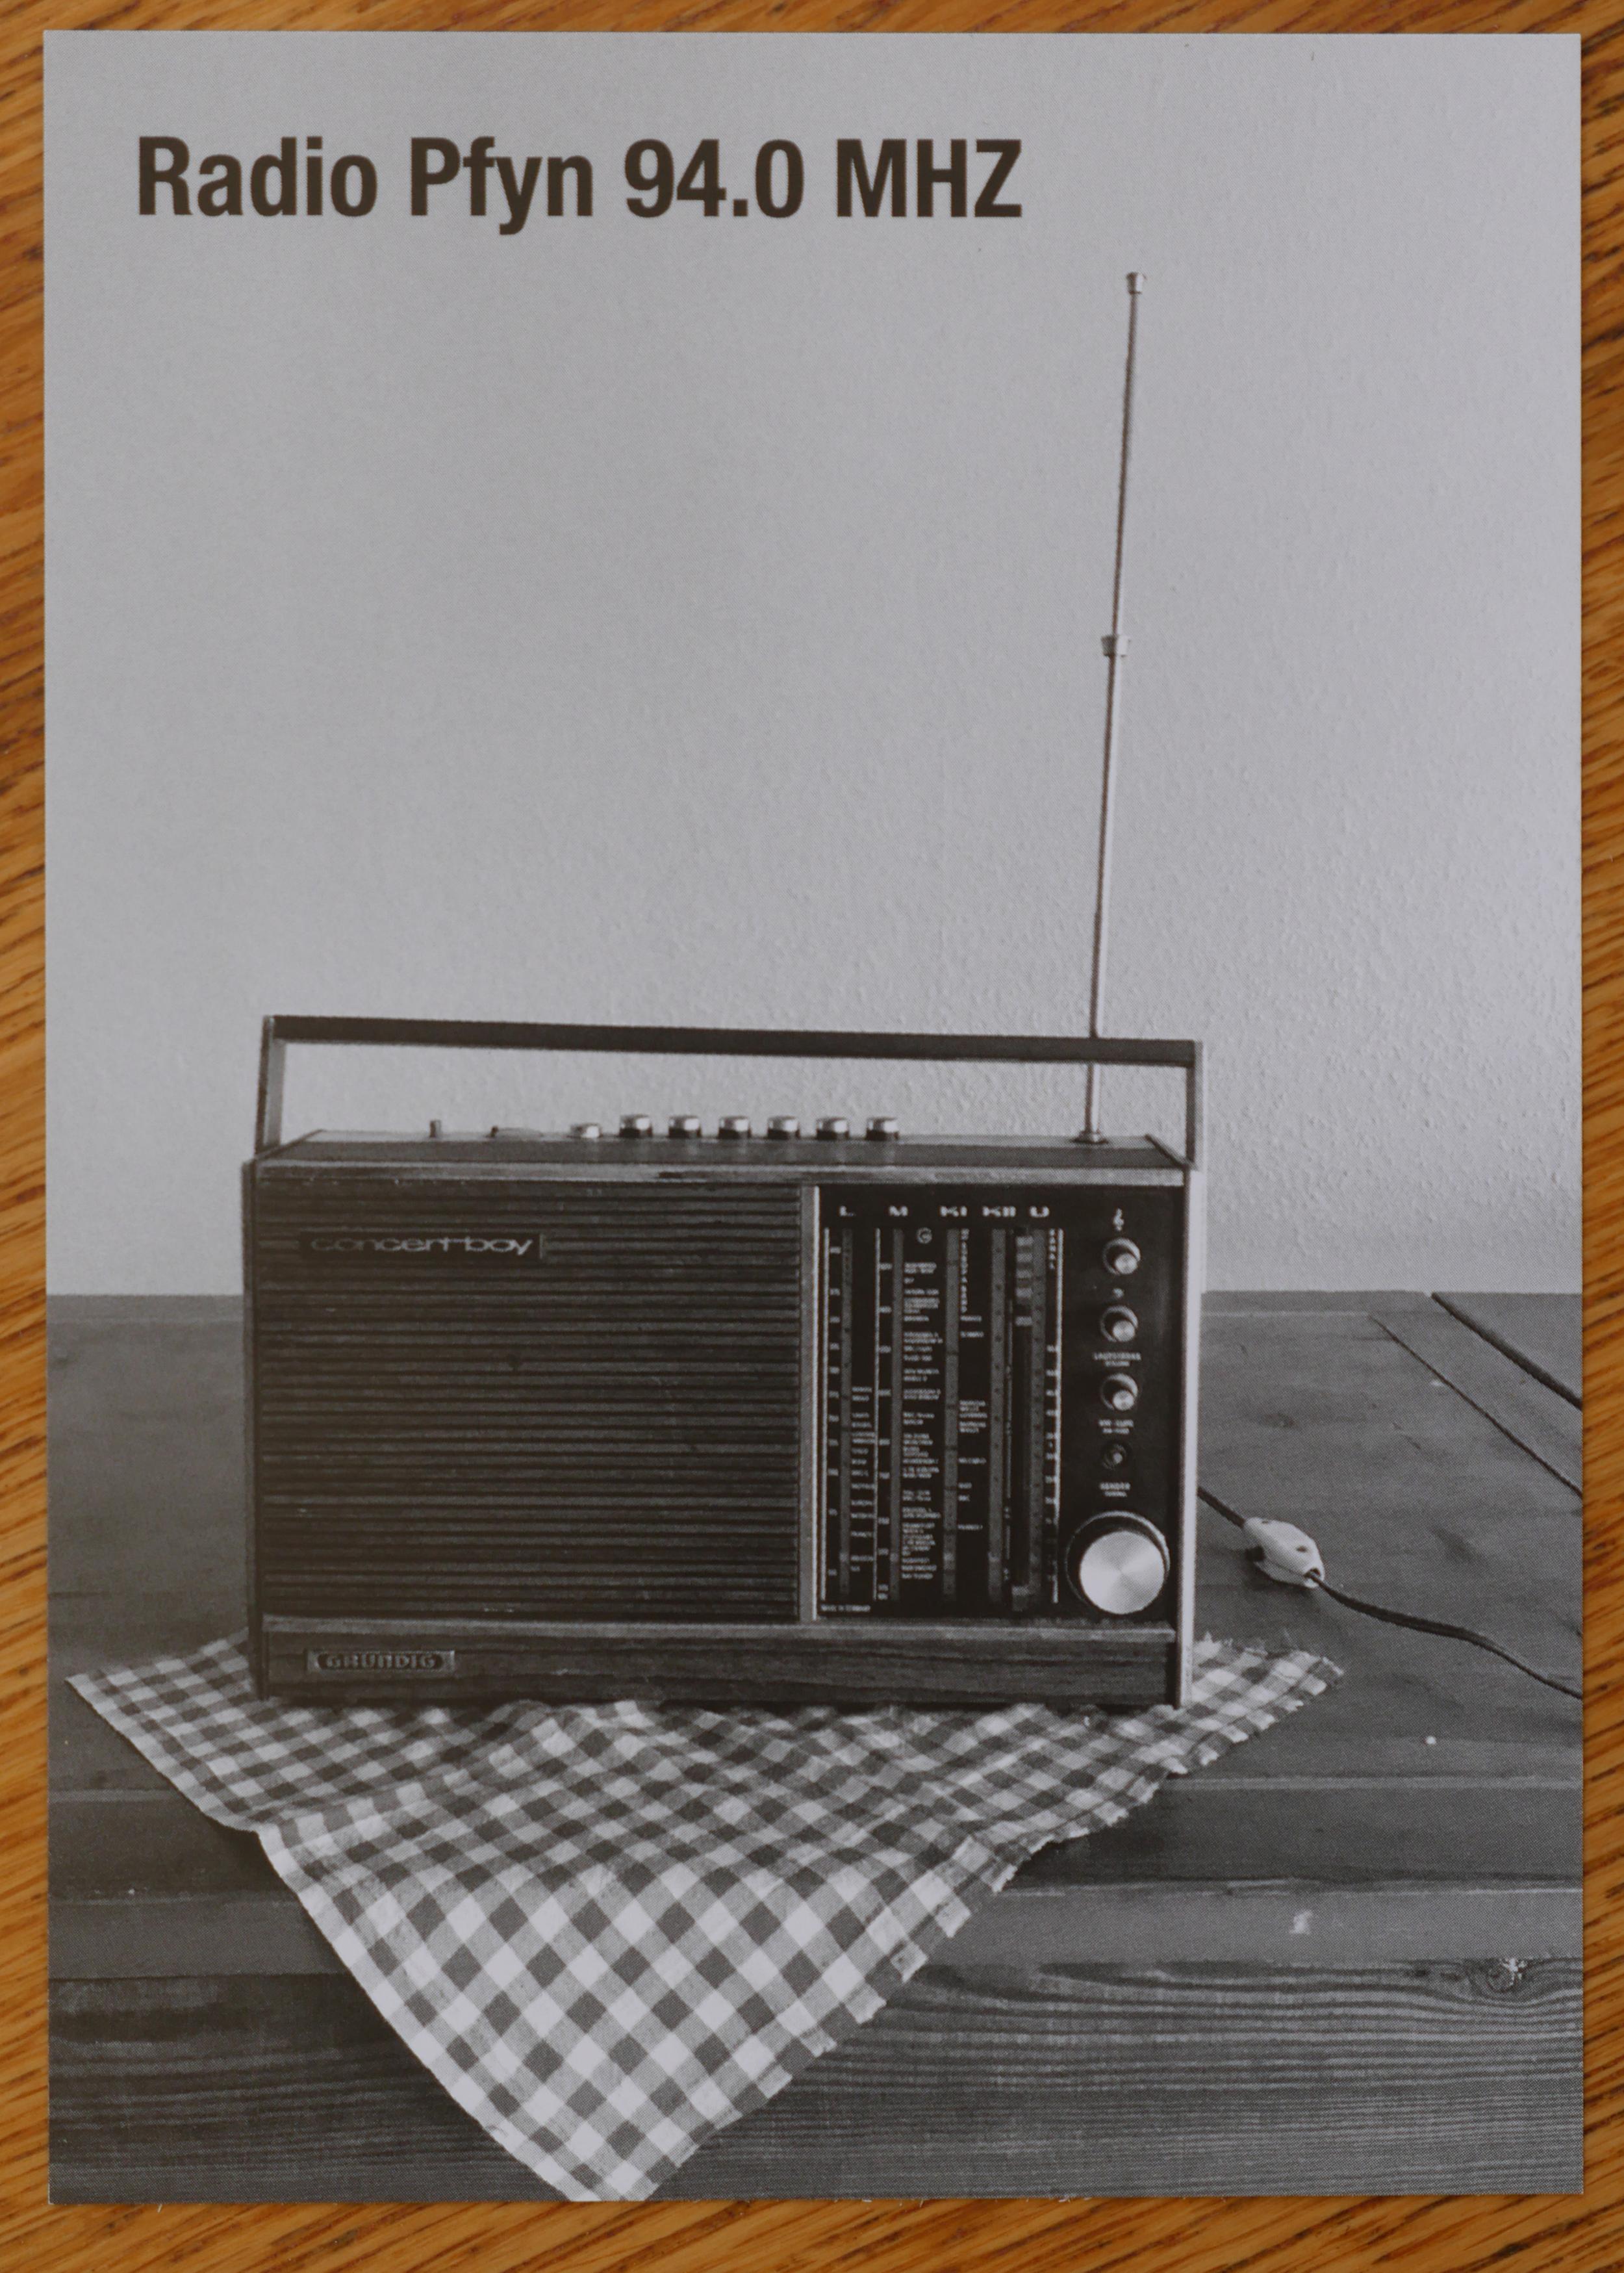 RadioPfyn.png